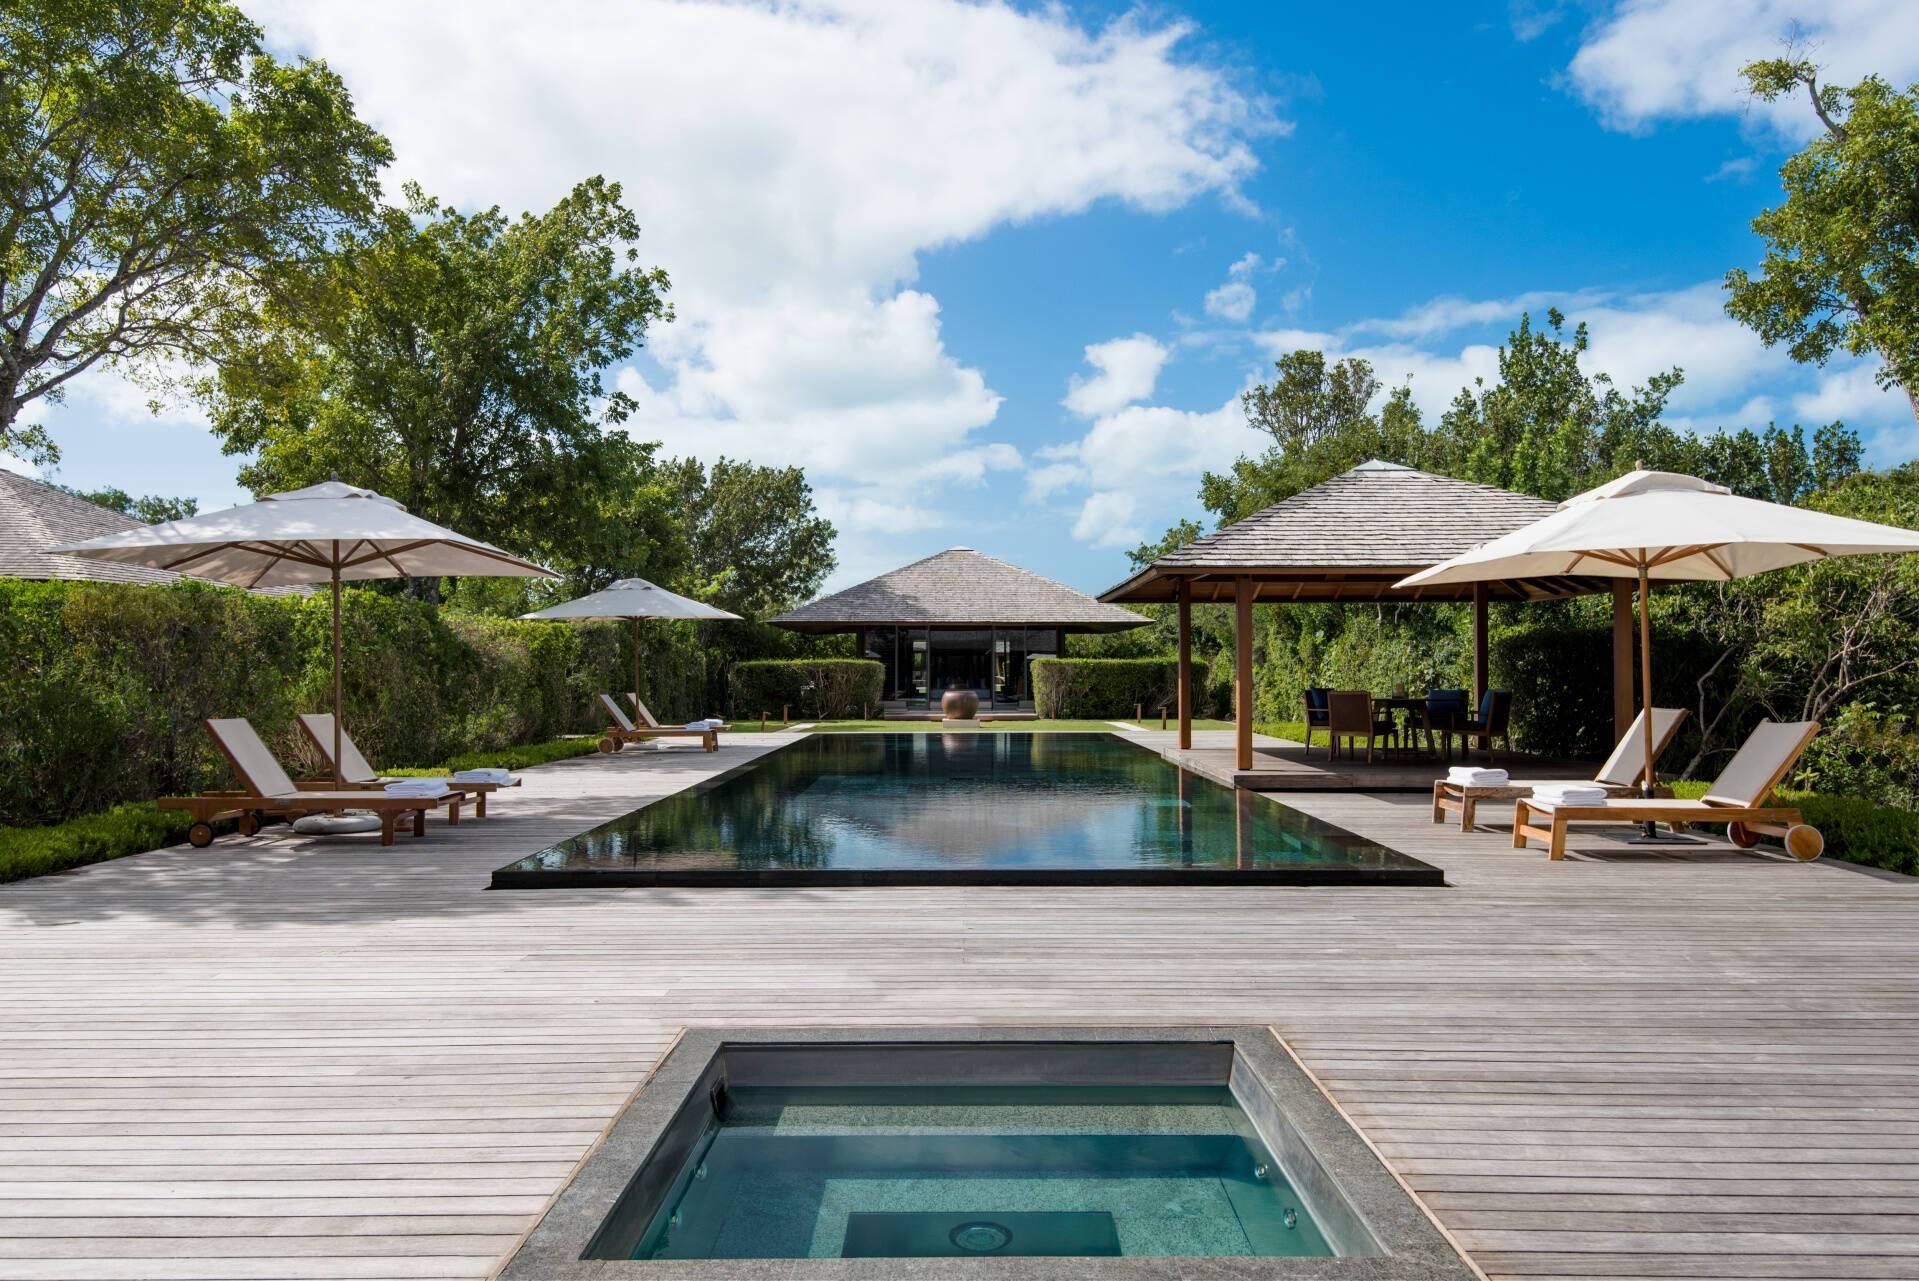 Amanyara Villa Jacuzzi Piscine Turks et Caicos